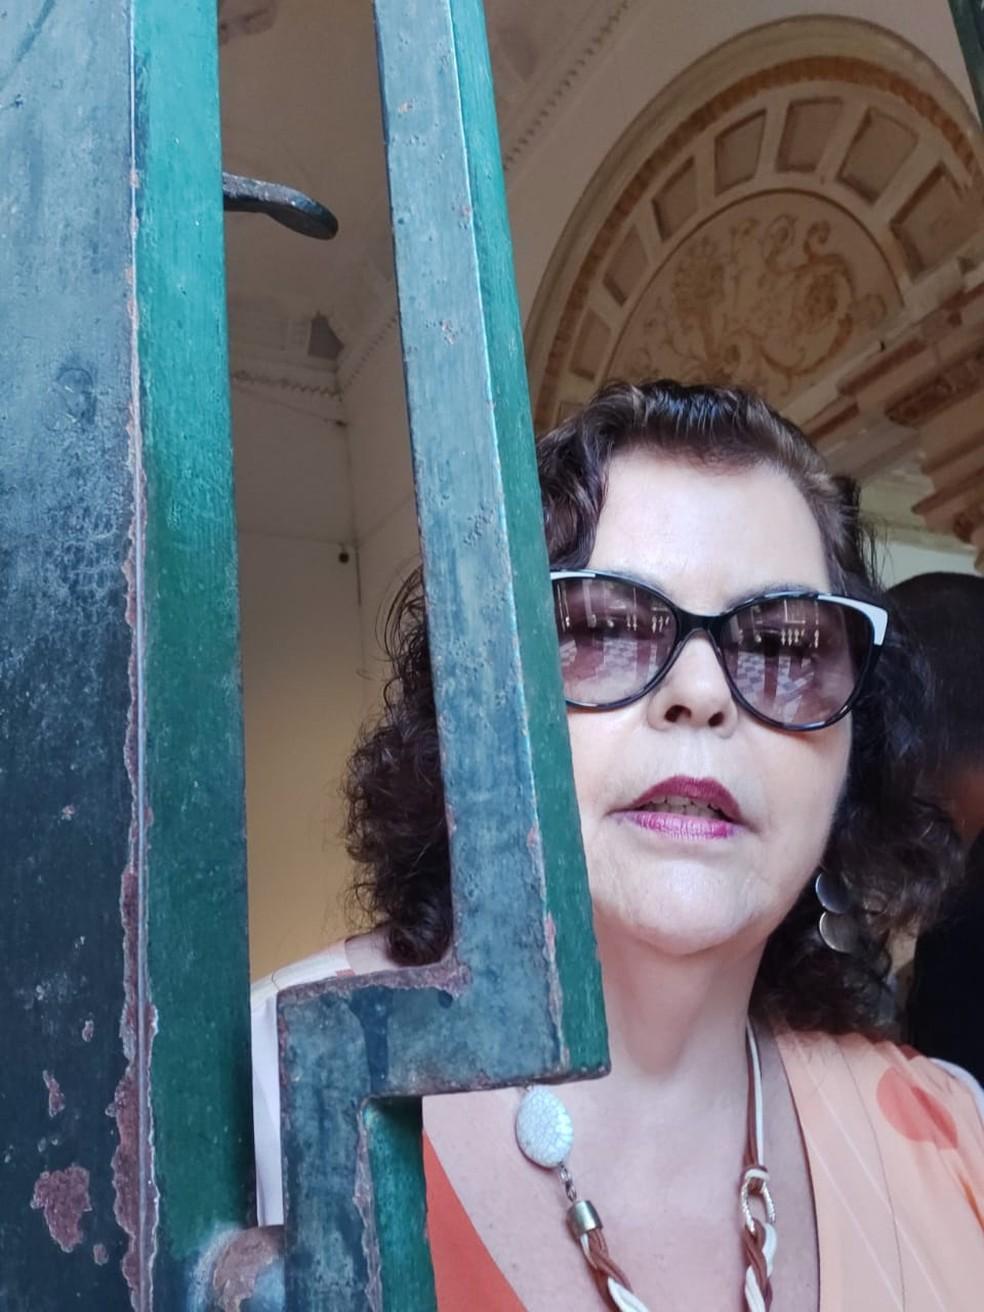 Servidora pública do Tribunal Regional do Trabalho,Ana Margarida Pereira Pinto, de 67 anos, continuou trabalhando em casa após epidemia do novo coronavírus — Foto: Arquivo pessoal